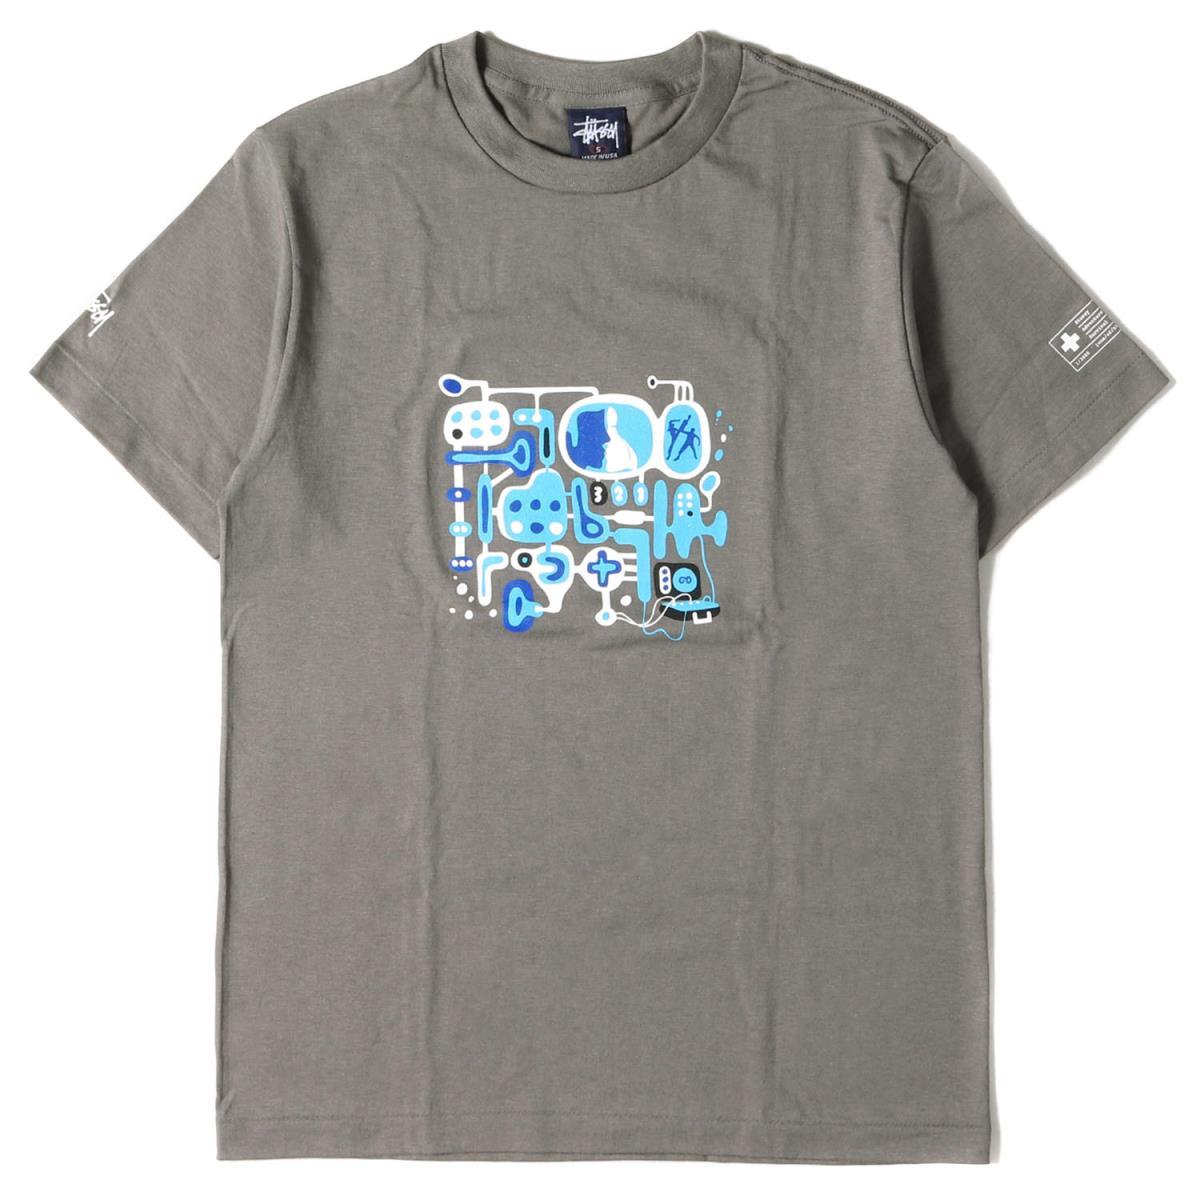 トップス, Tシャツ・カットソー STUSSY T 00s T USA S K3021